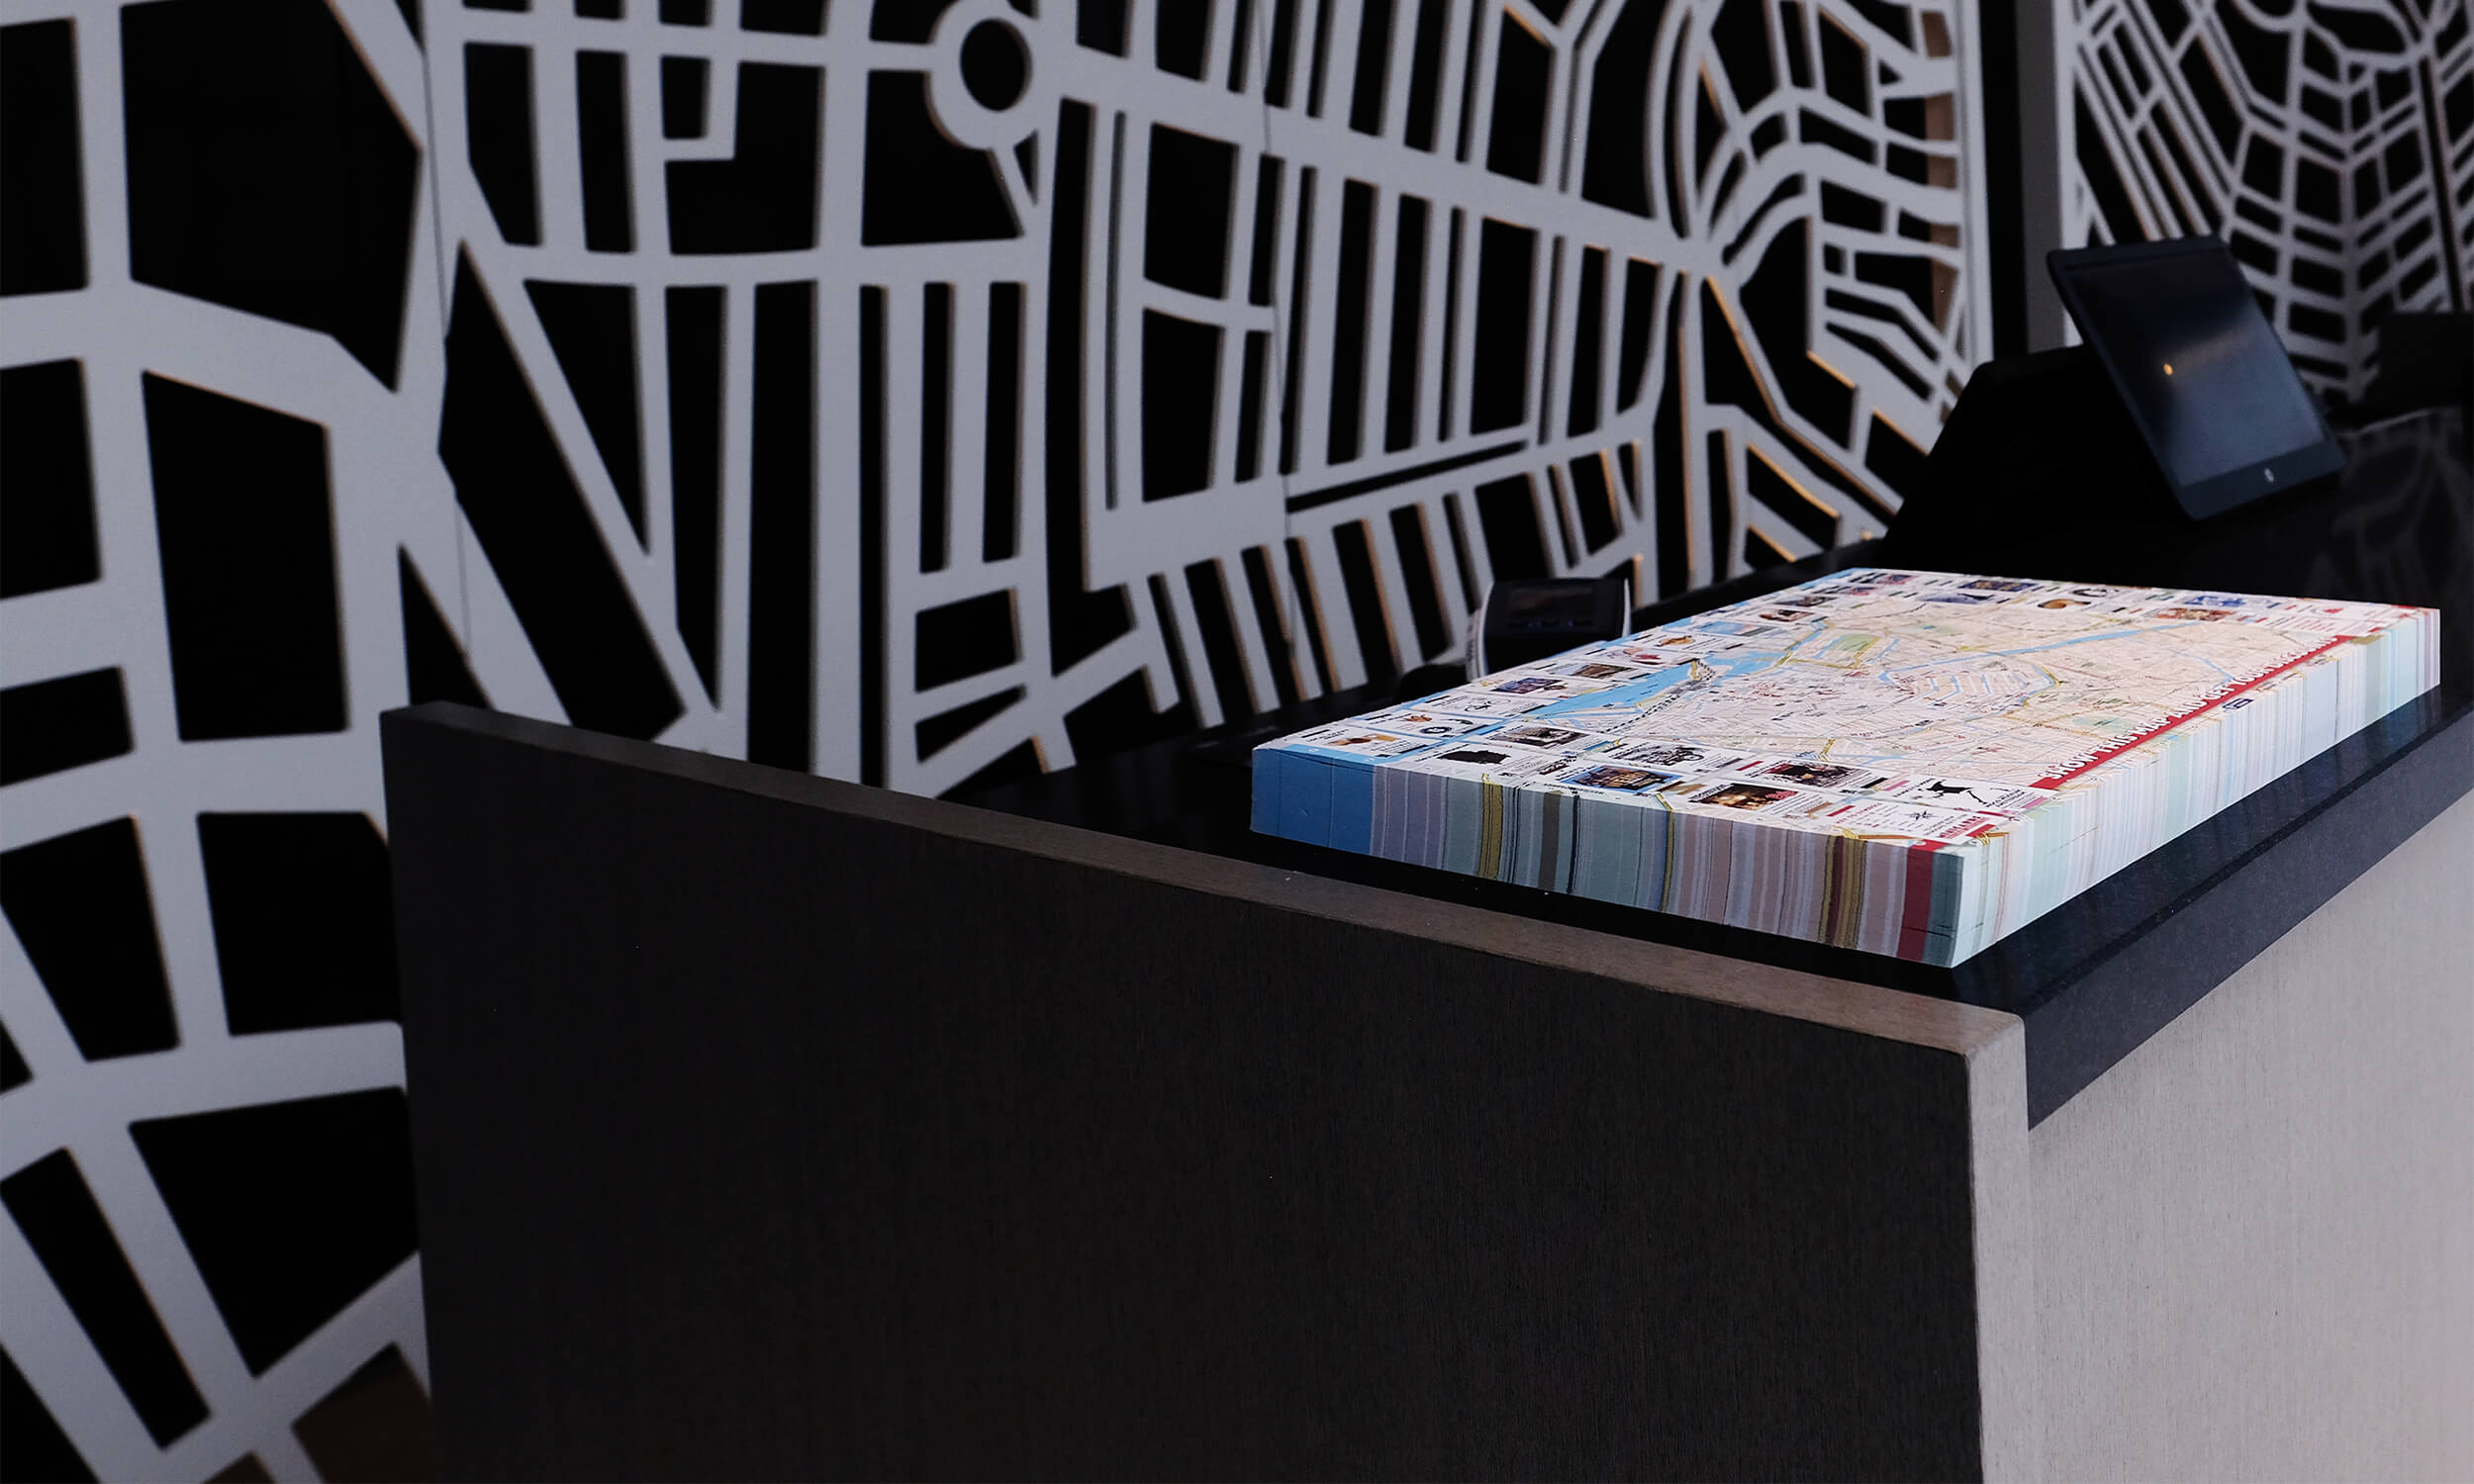 deskmap op balie 2.jpg